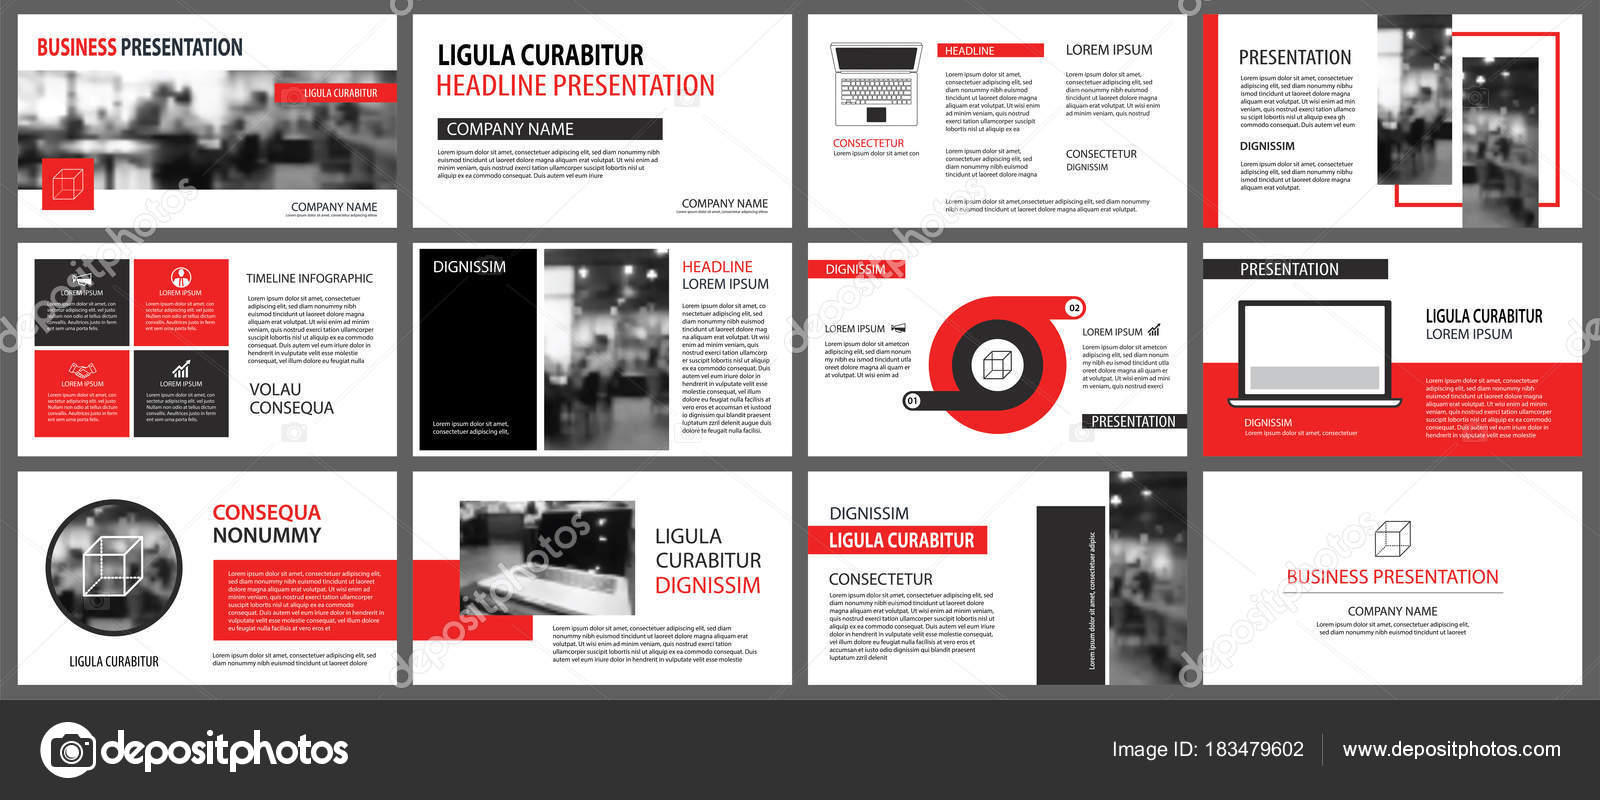 infographi kaisorn4 183479602. Black Bedroom Furniture Sets. Home Design Ideas